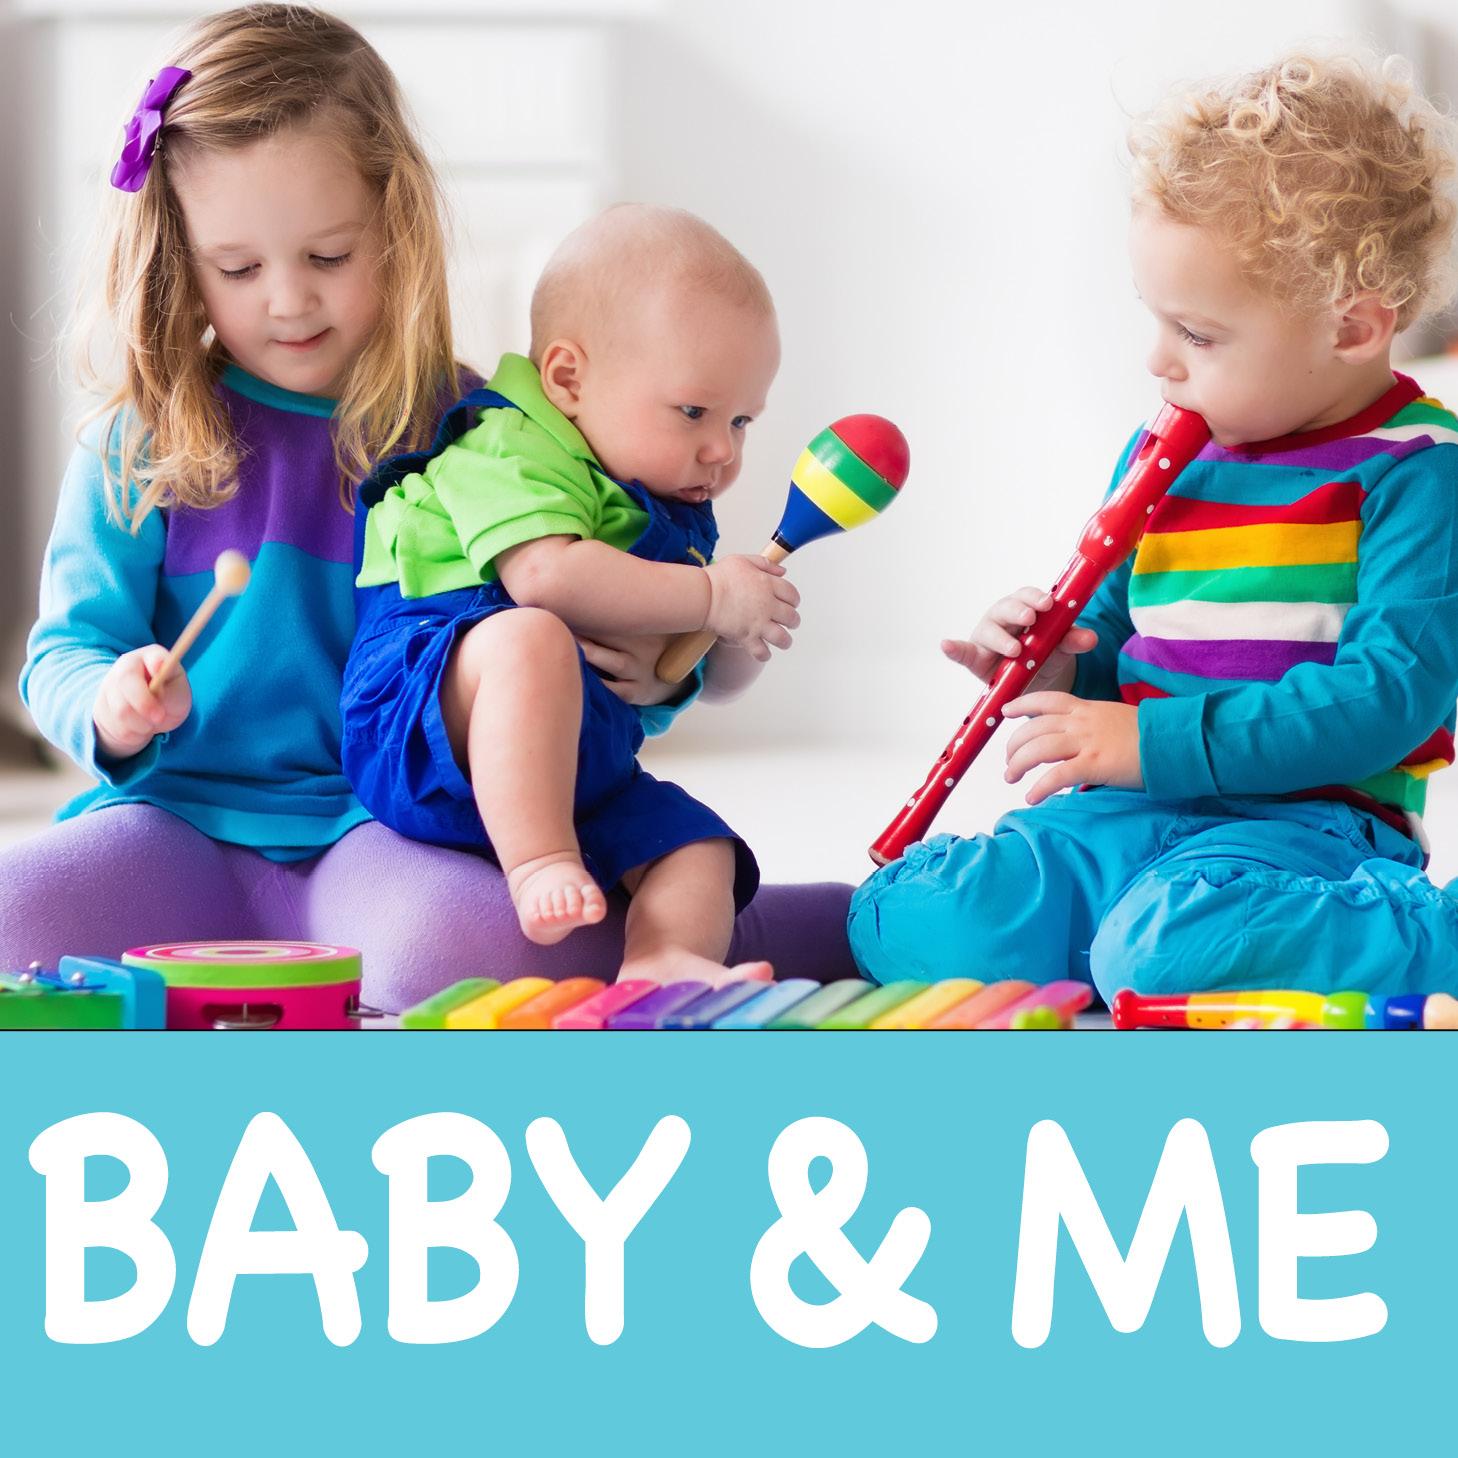 Baby&Me_sq.jpg